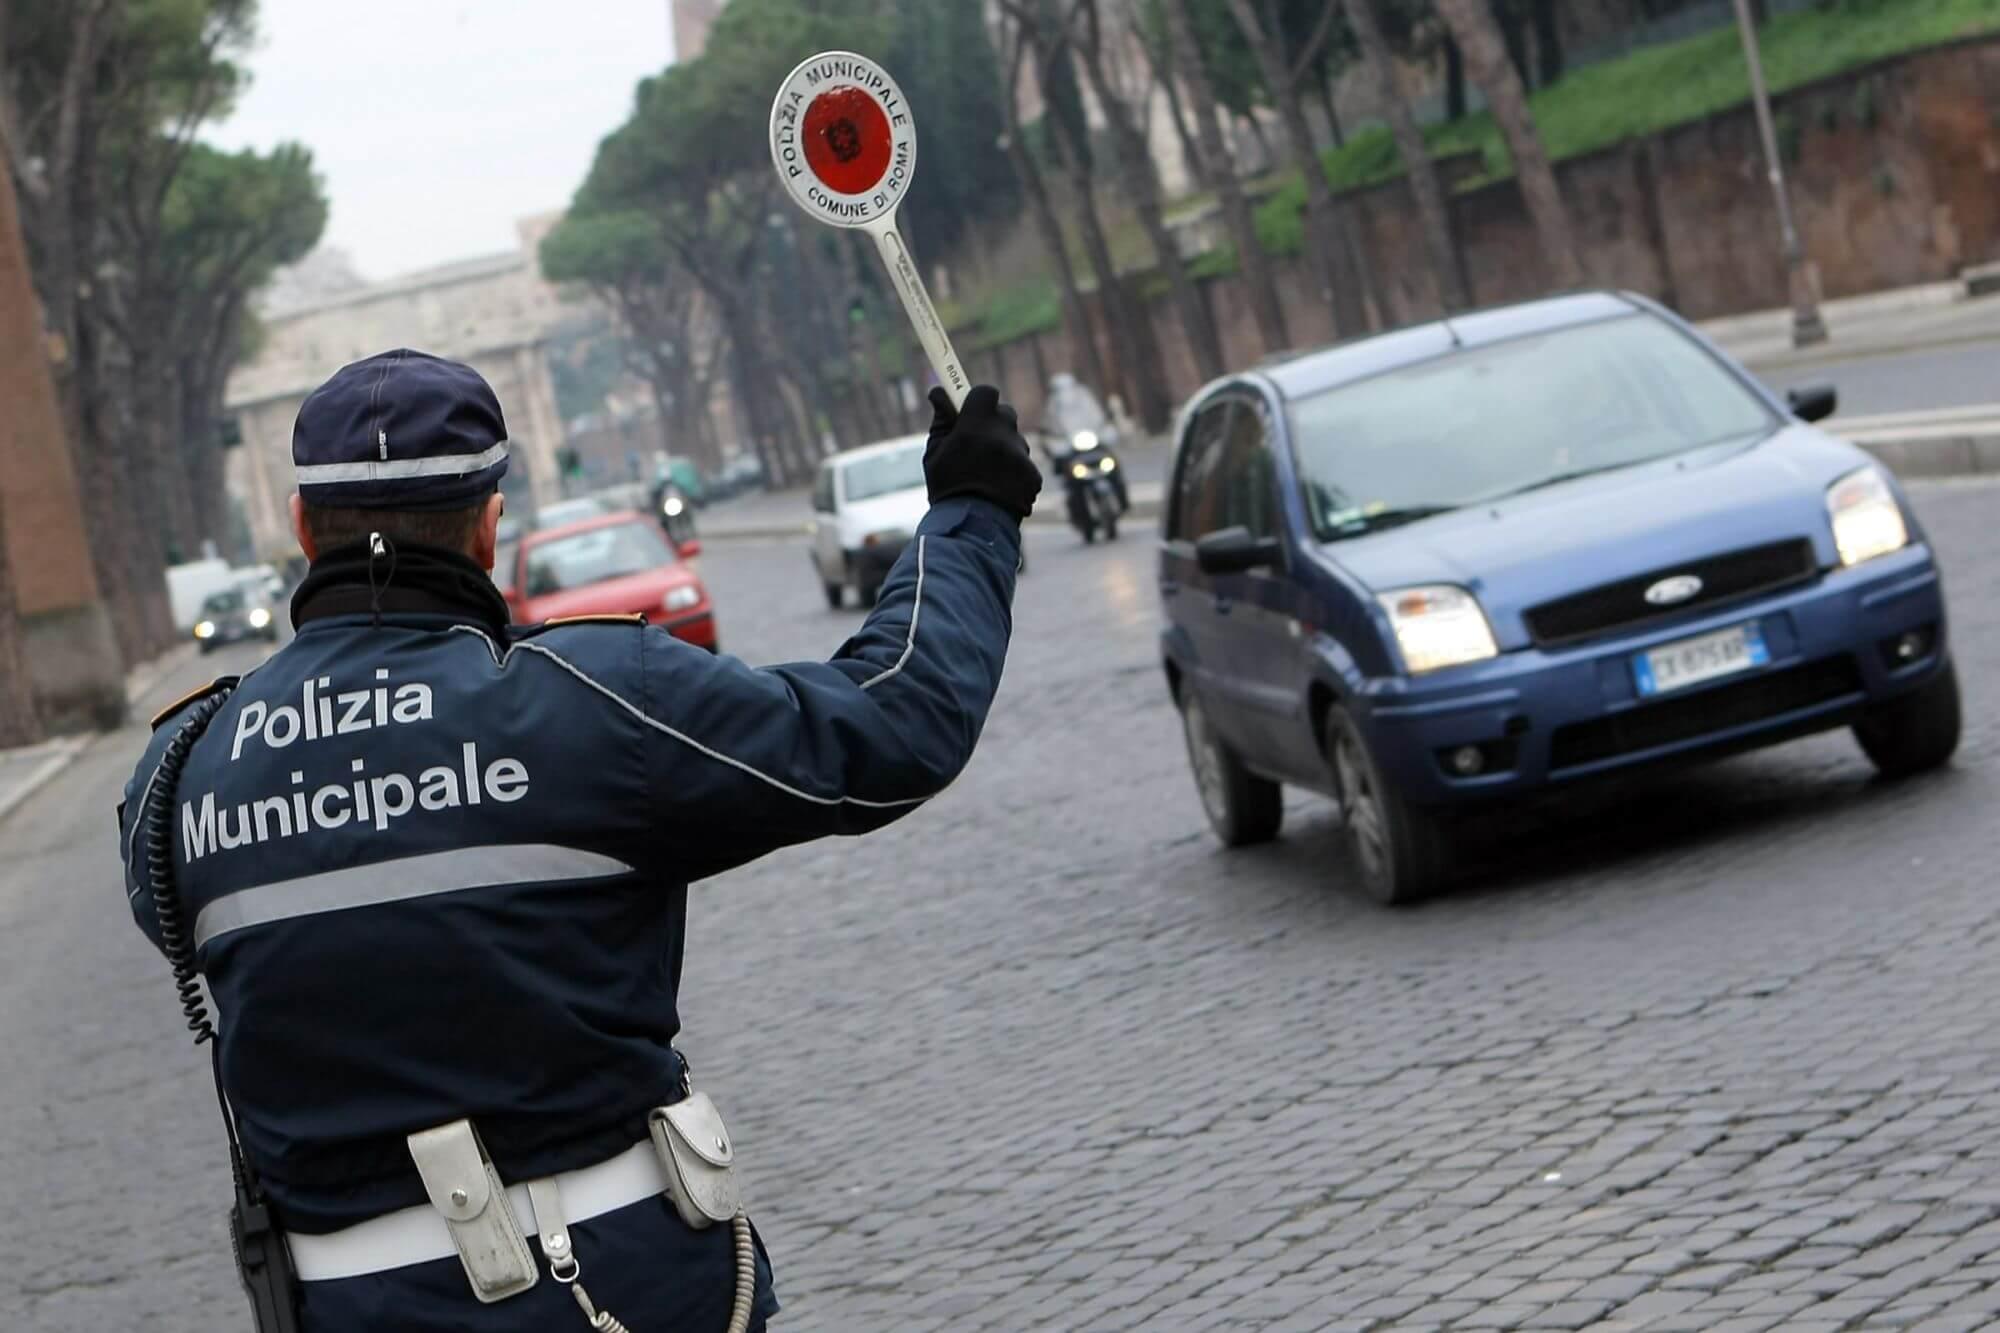 Perde olio da un fusto che stava trasportando, individuato e multato dalla Polizia Municipale